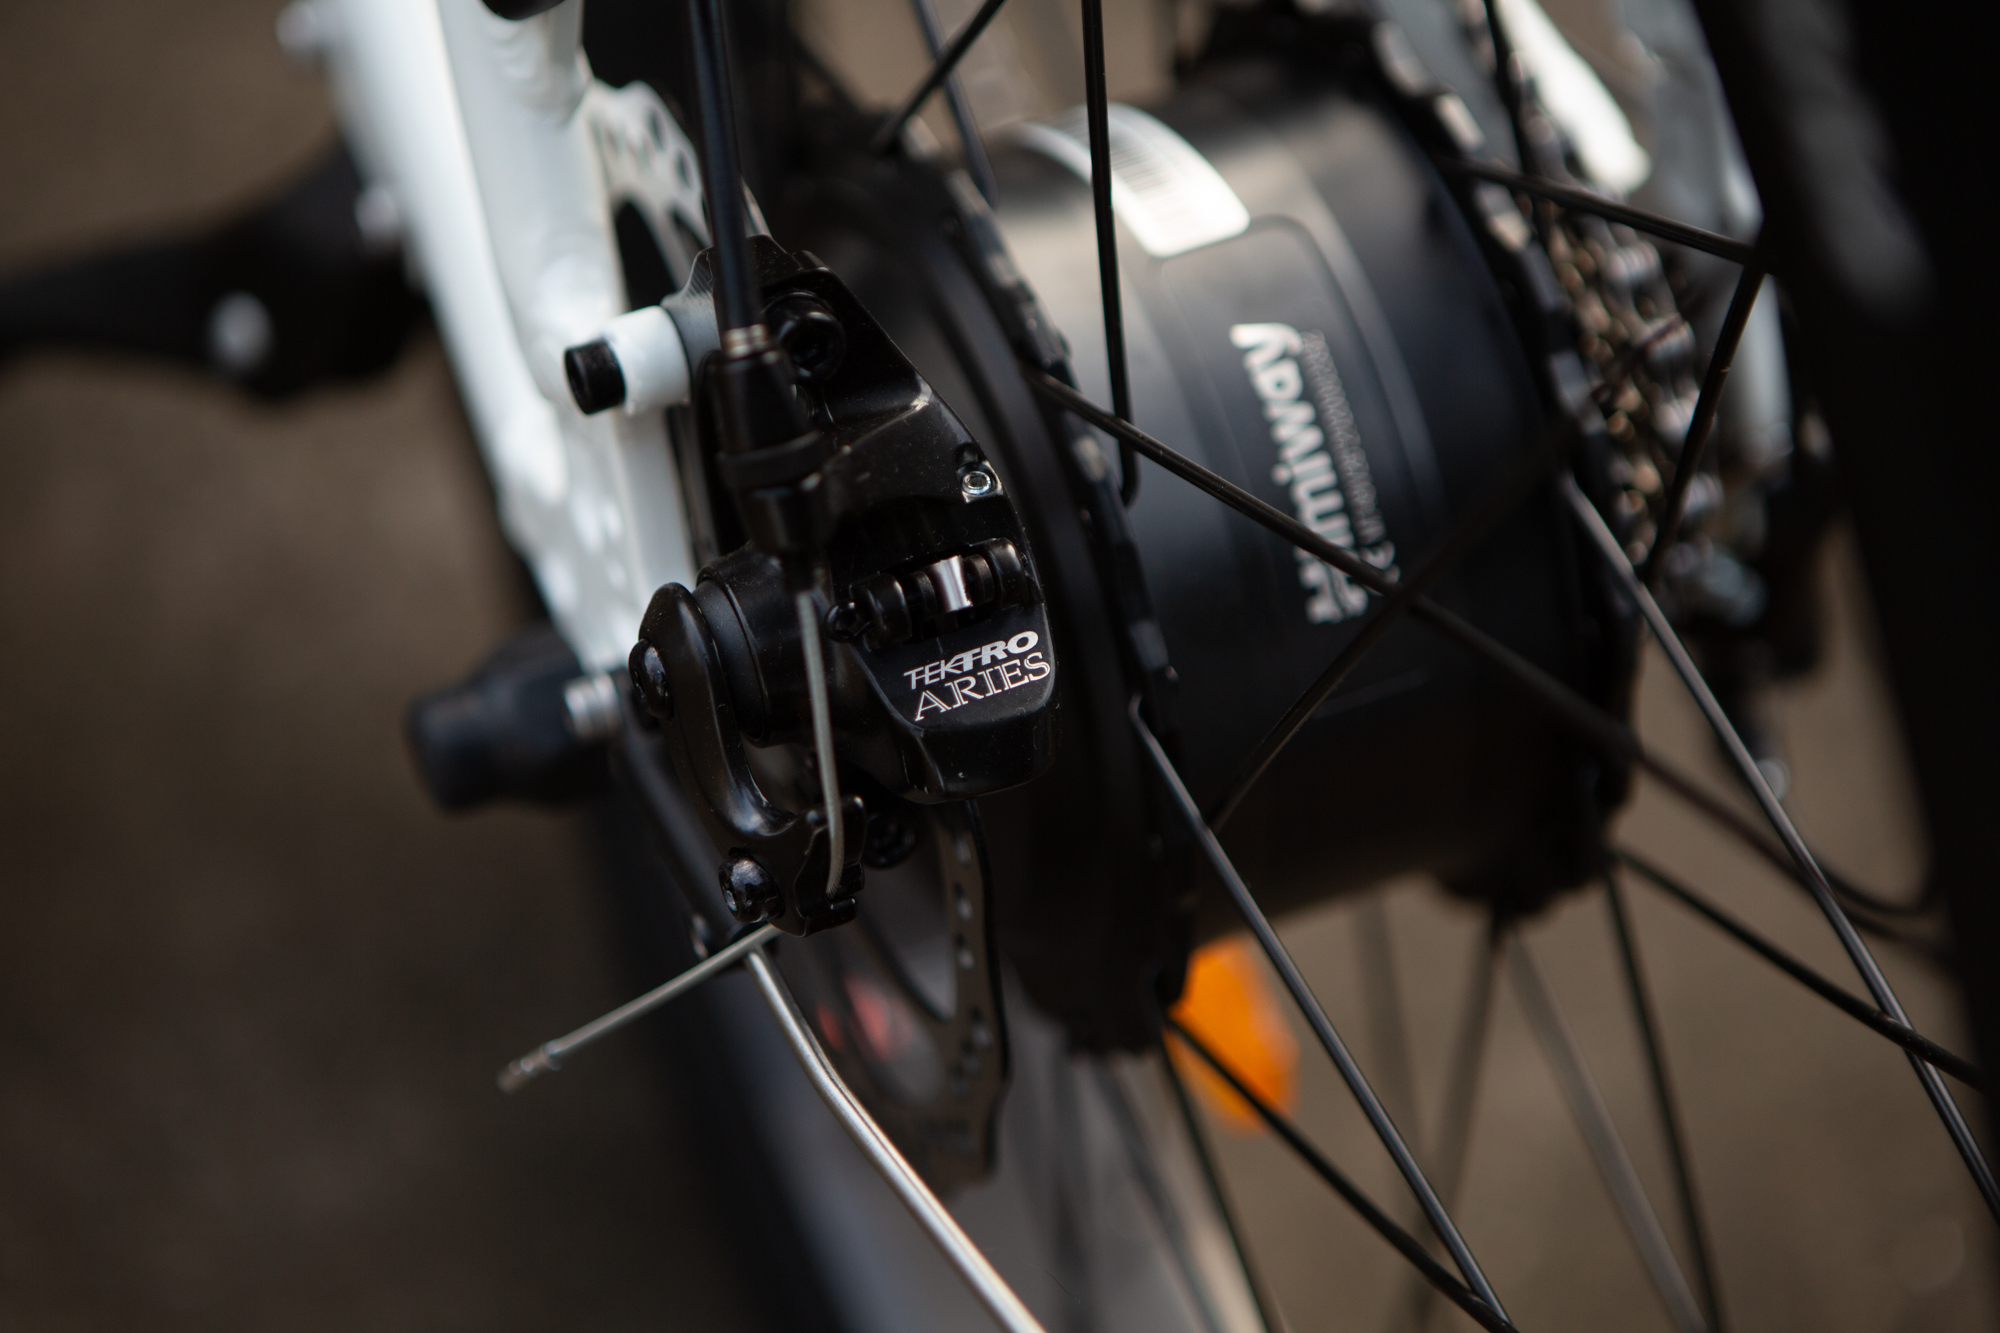 Tektro disc brakes